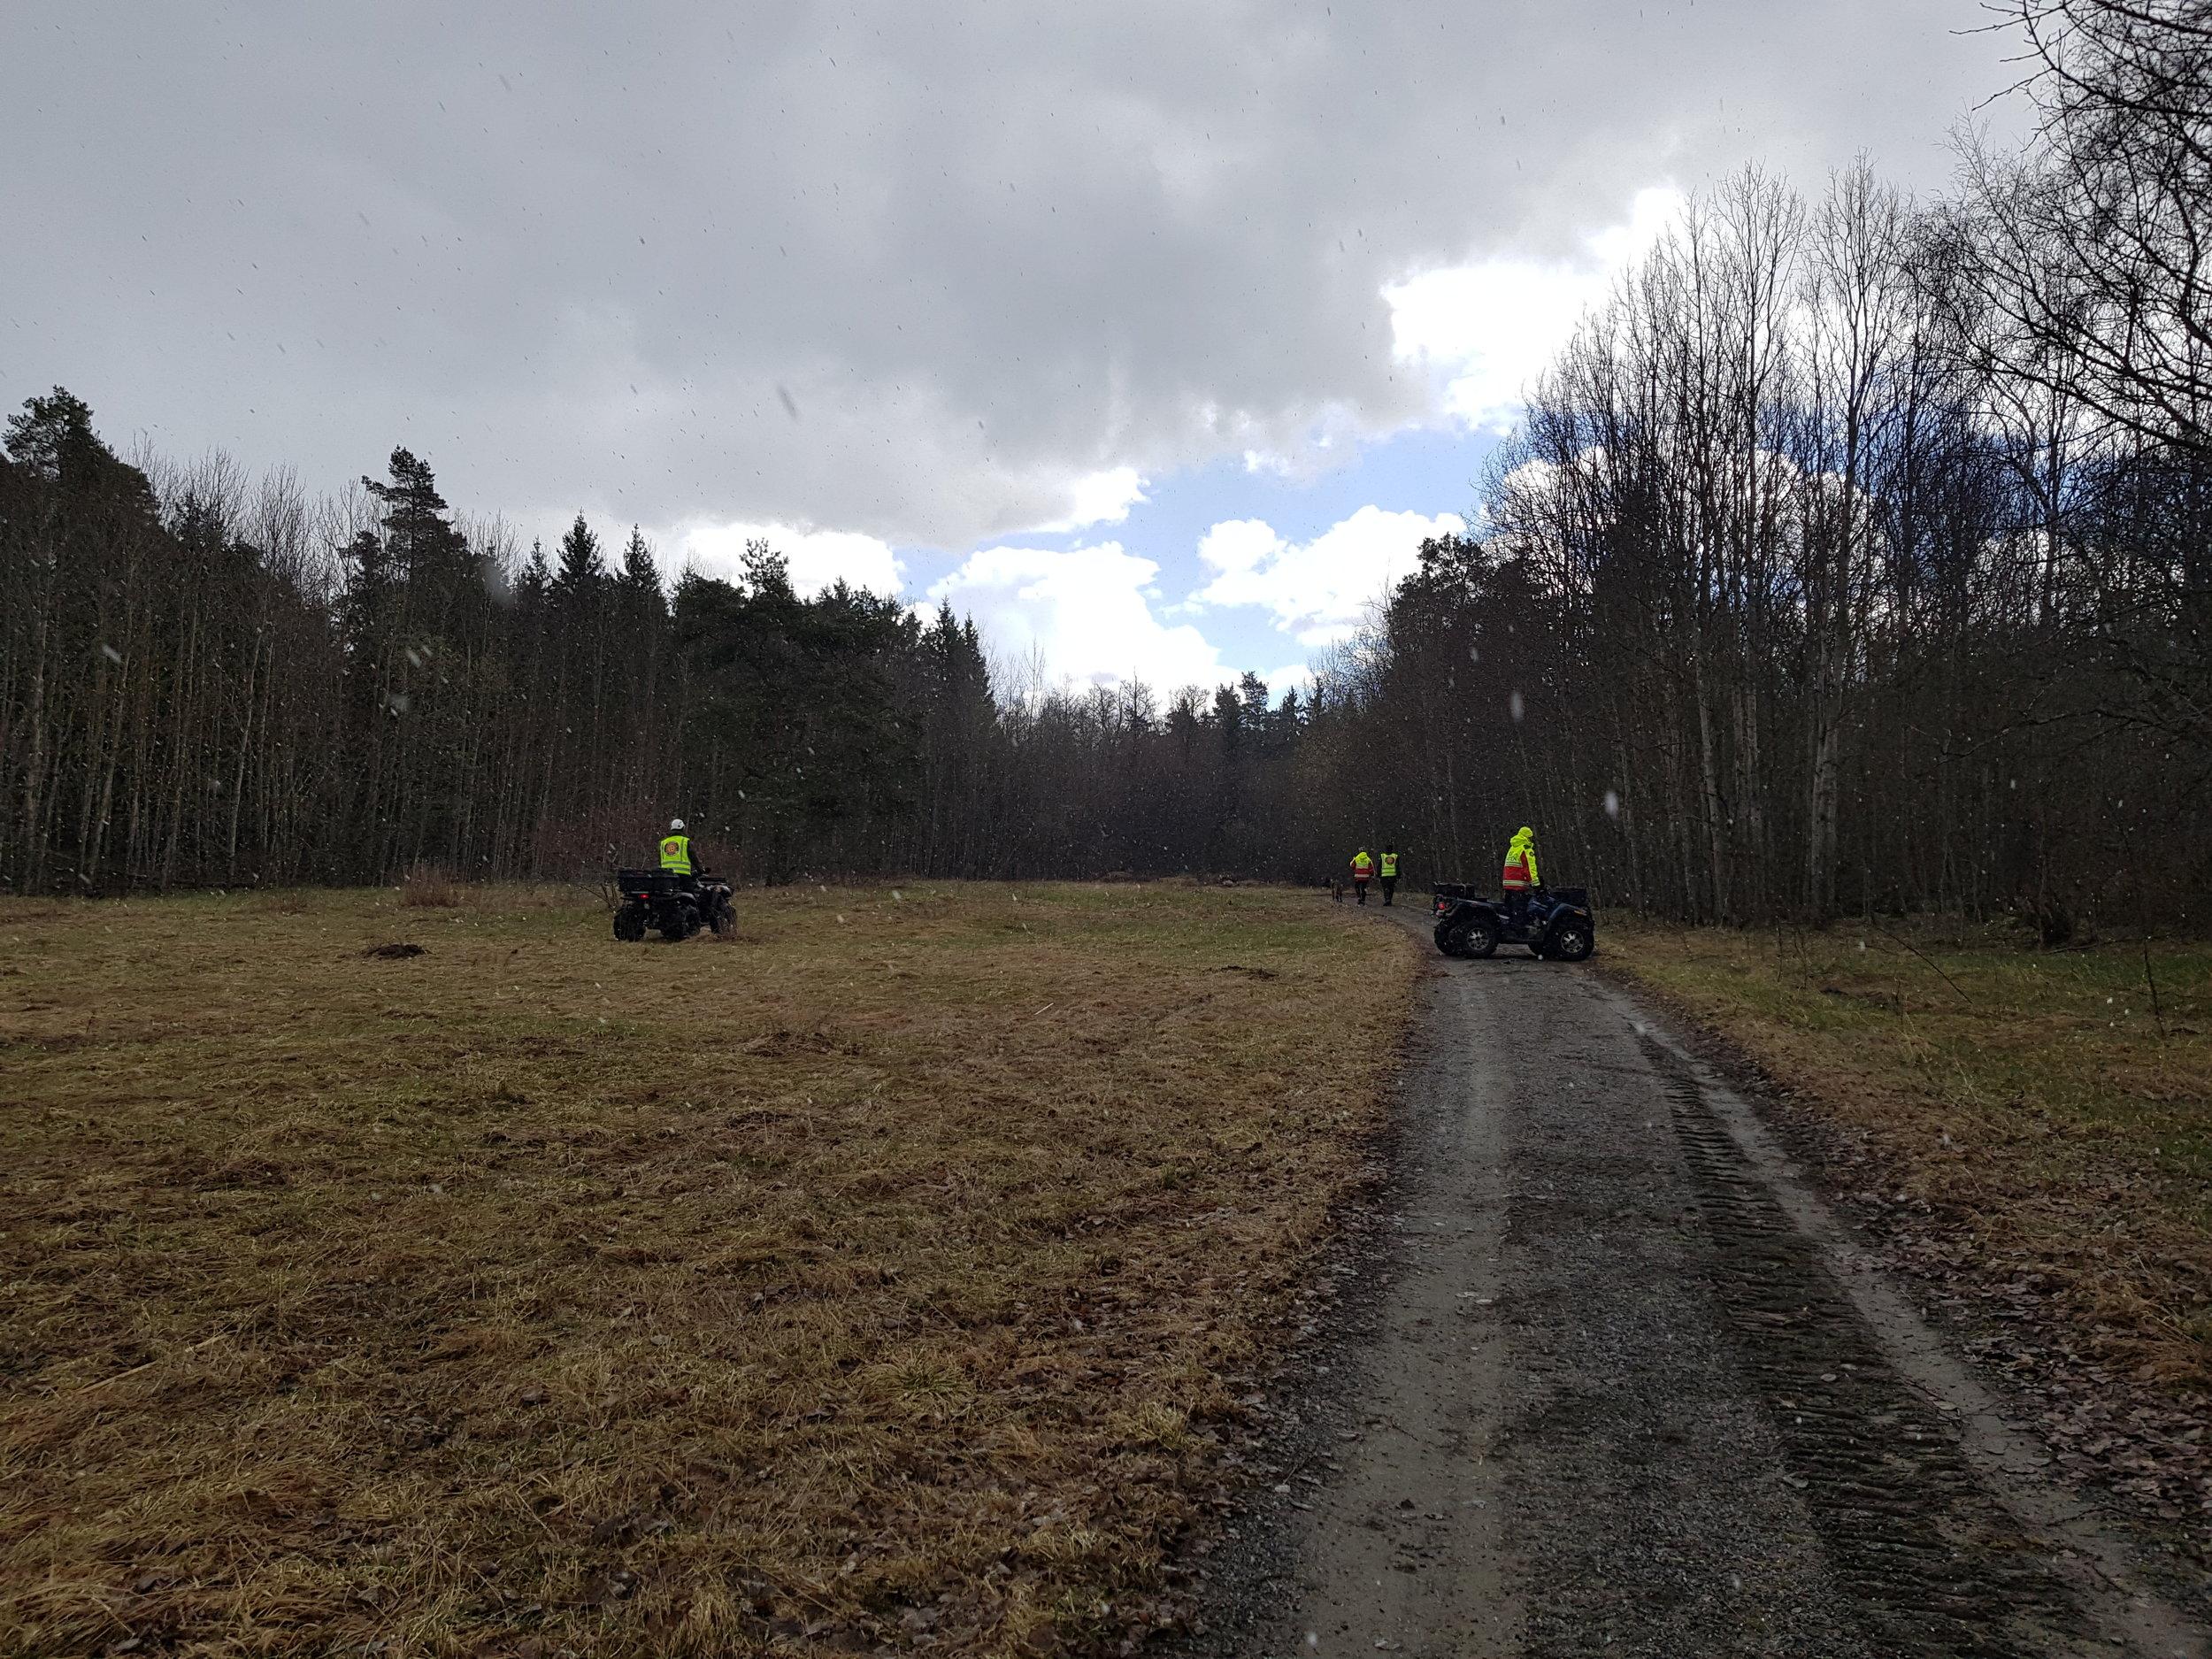 Övningen den 23:e april bjöd på äkta aprilväder. Sol, regn, snö samt stormvindar. Dock med lyckat genomförande och bra resultat.